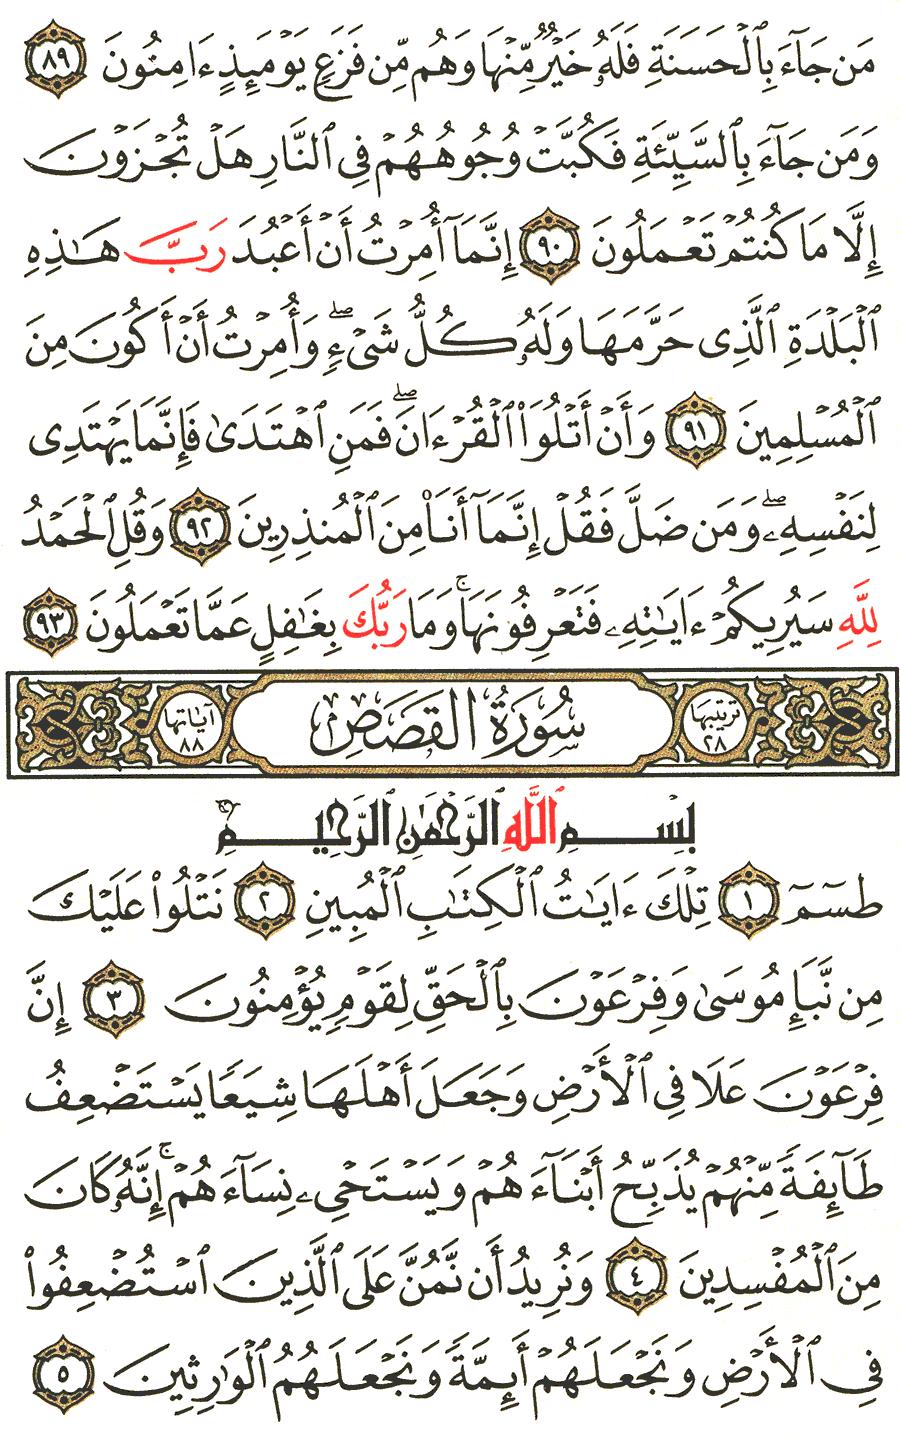 الصفحة رقم 385  من القرآن الكريم مكتوبة من المصحف